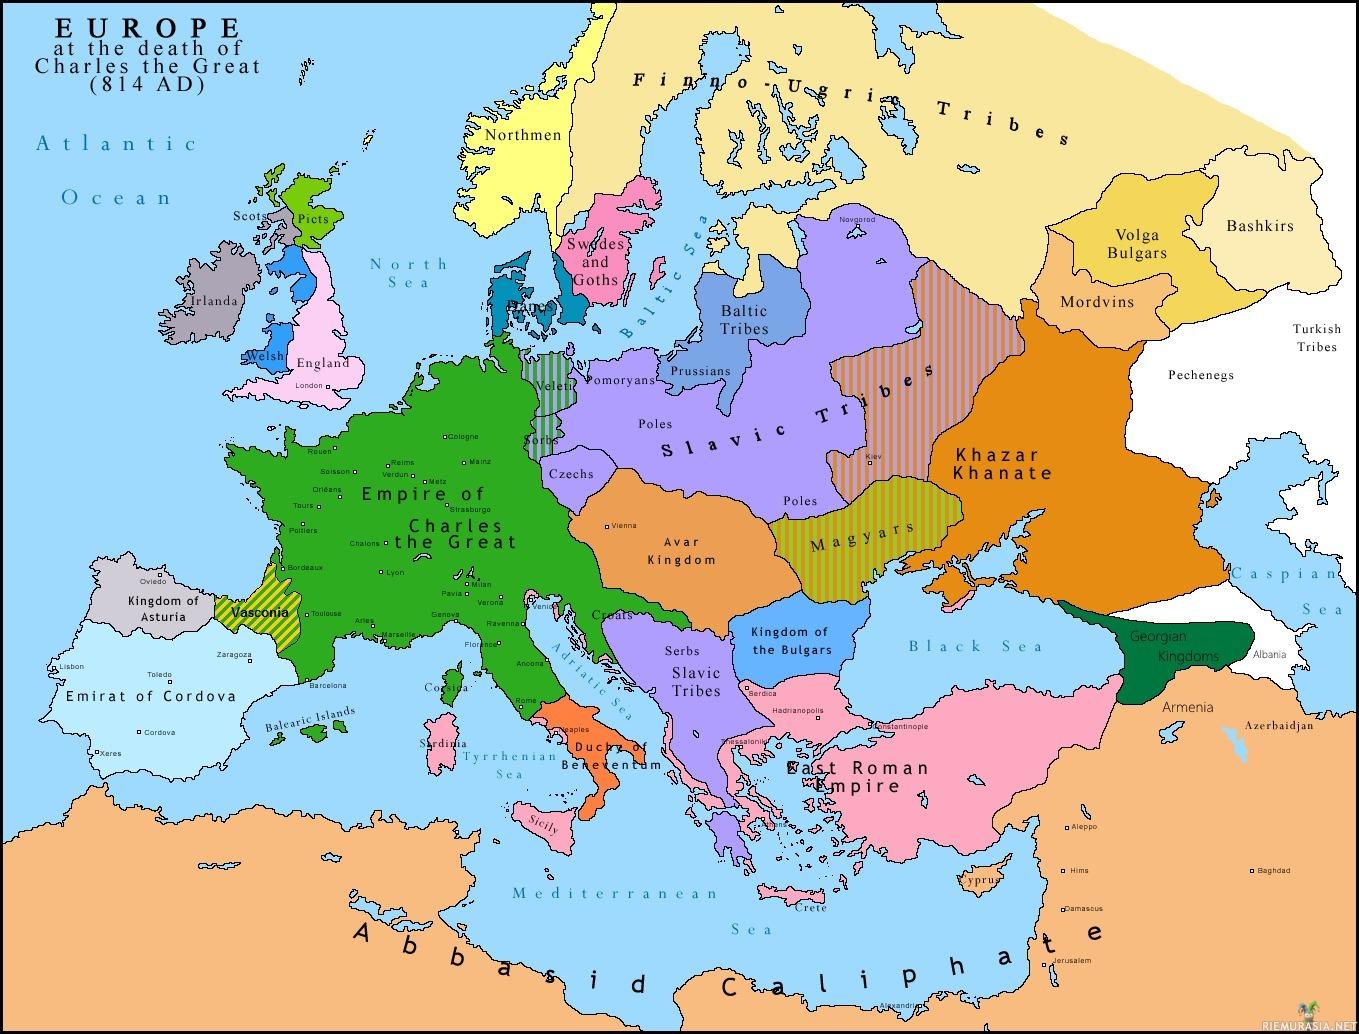 Eurooppan Kartta Floria Luckincsolutions Org